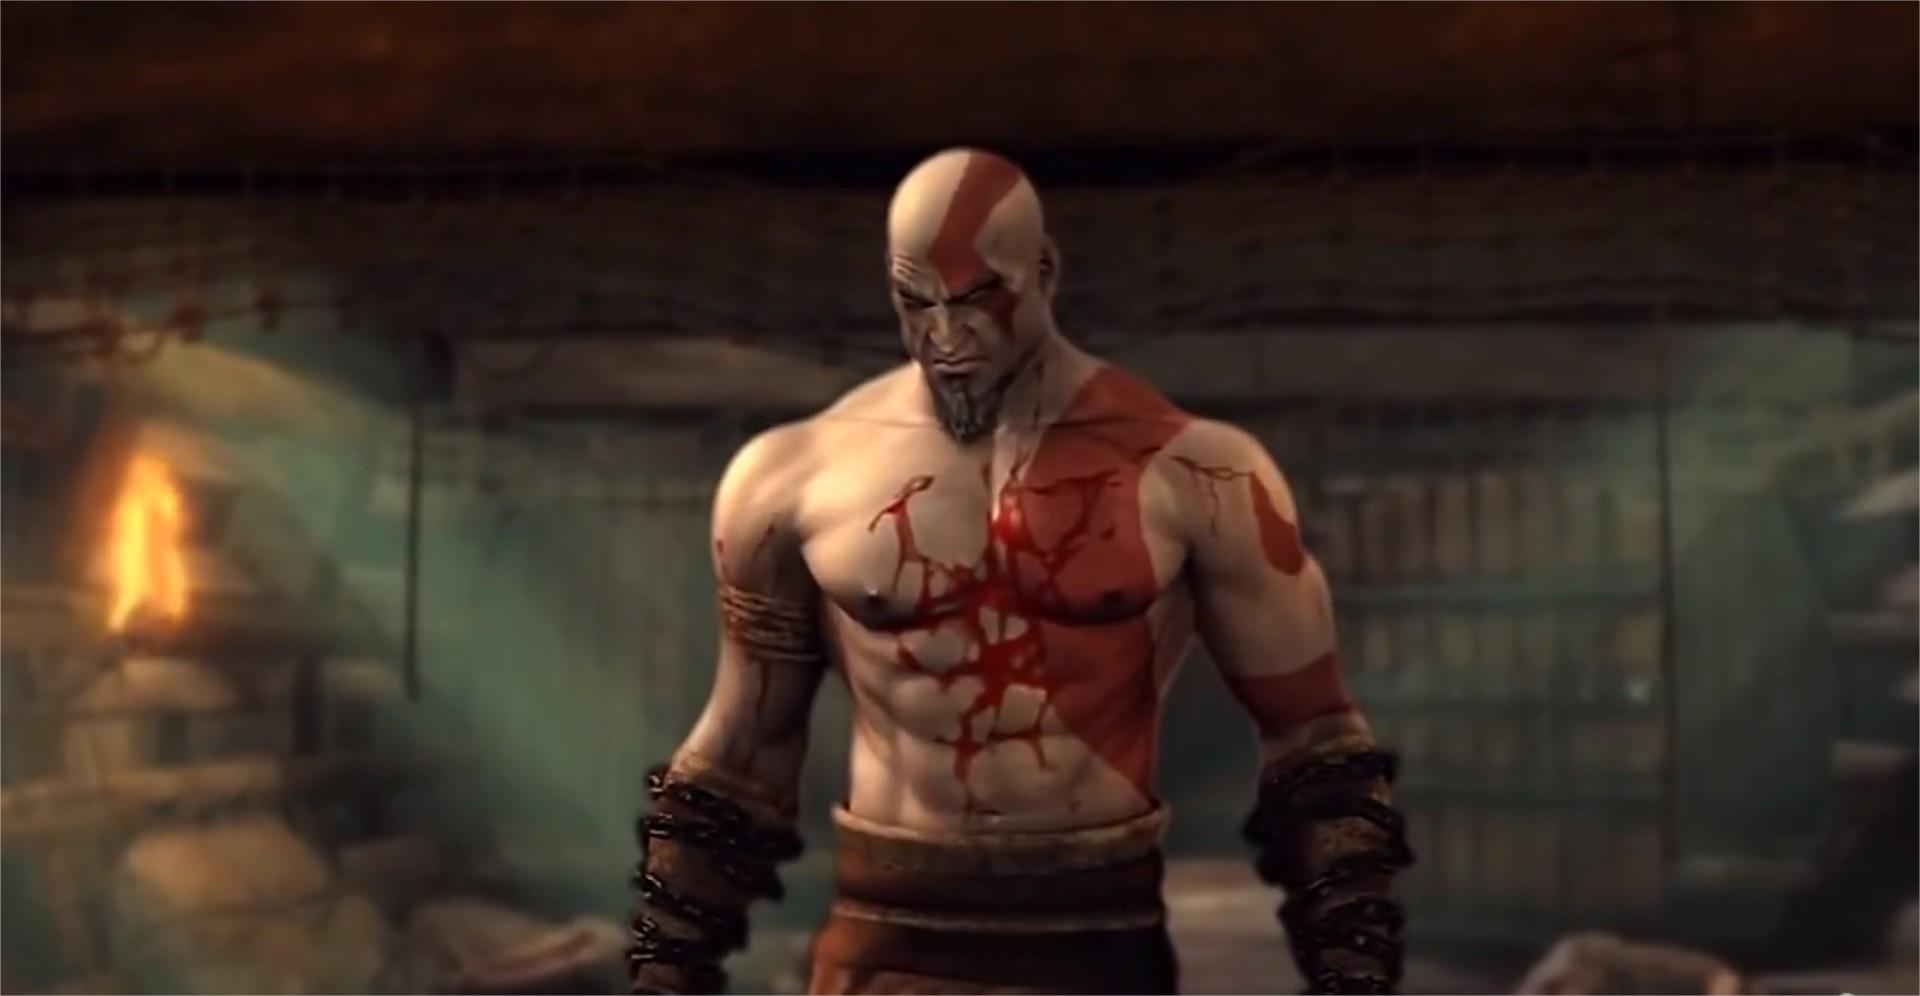 kratos sangue god of war